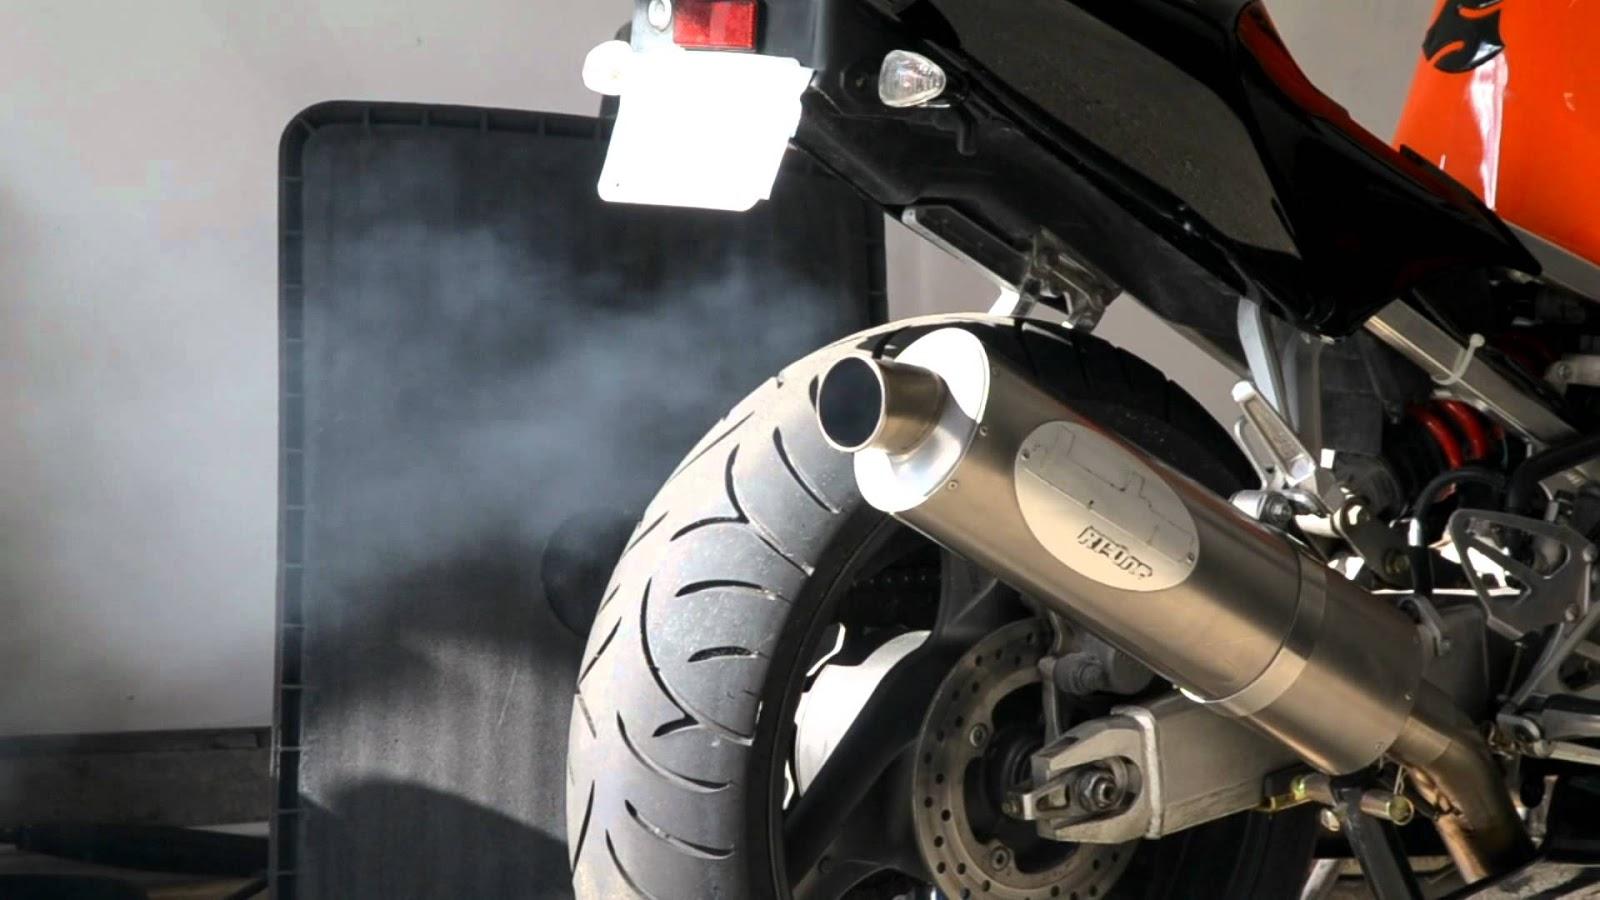 acr blog: knalpot motor berasap saat dipanasi di pagi hari? jangan